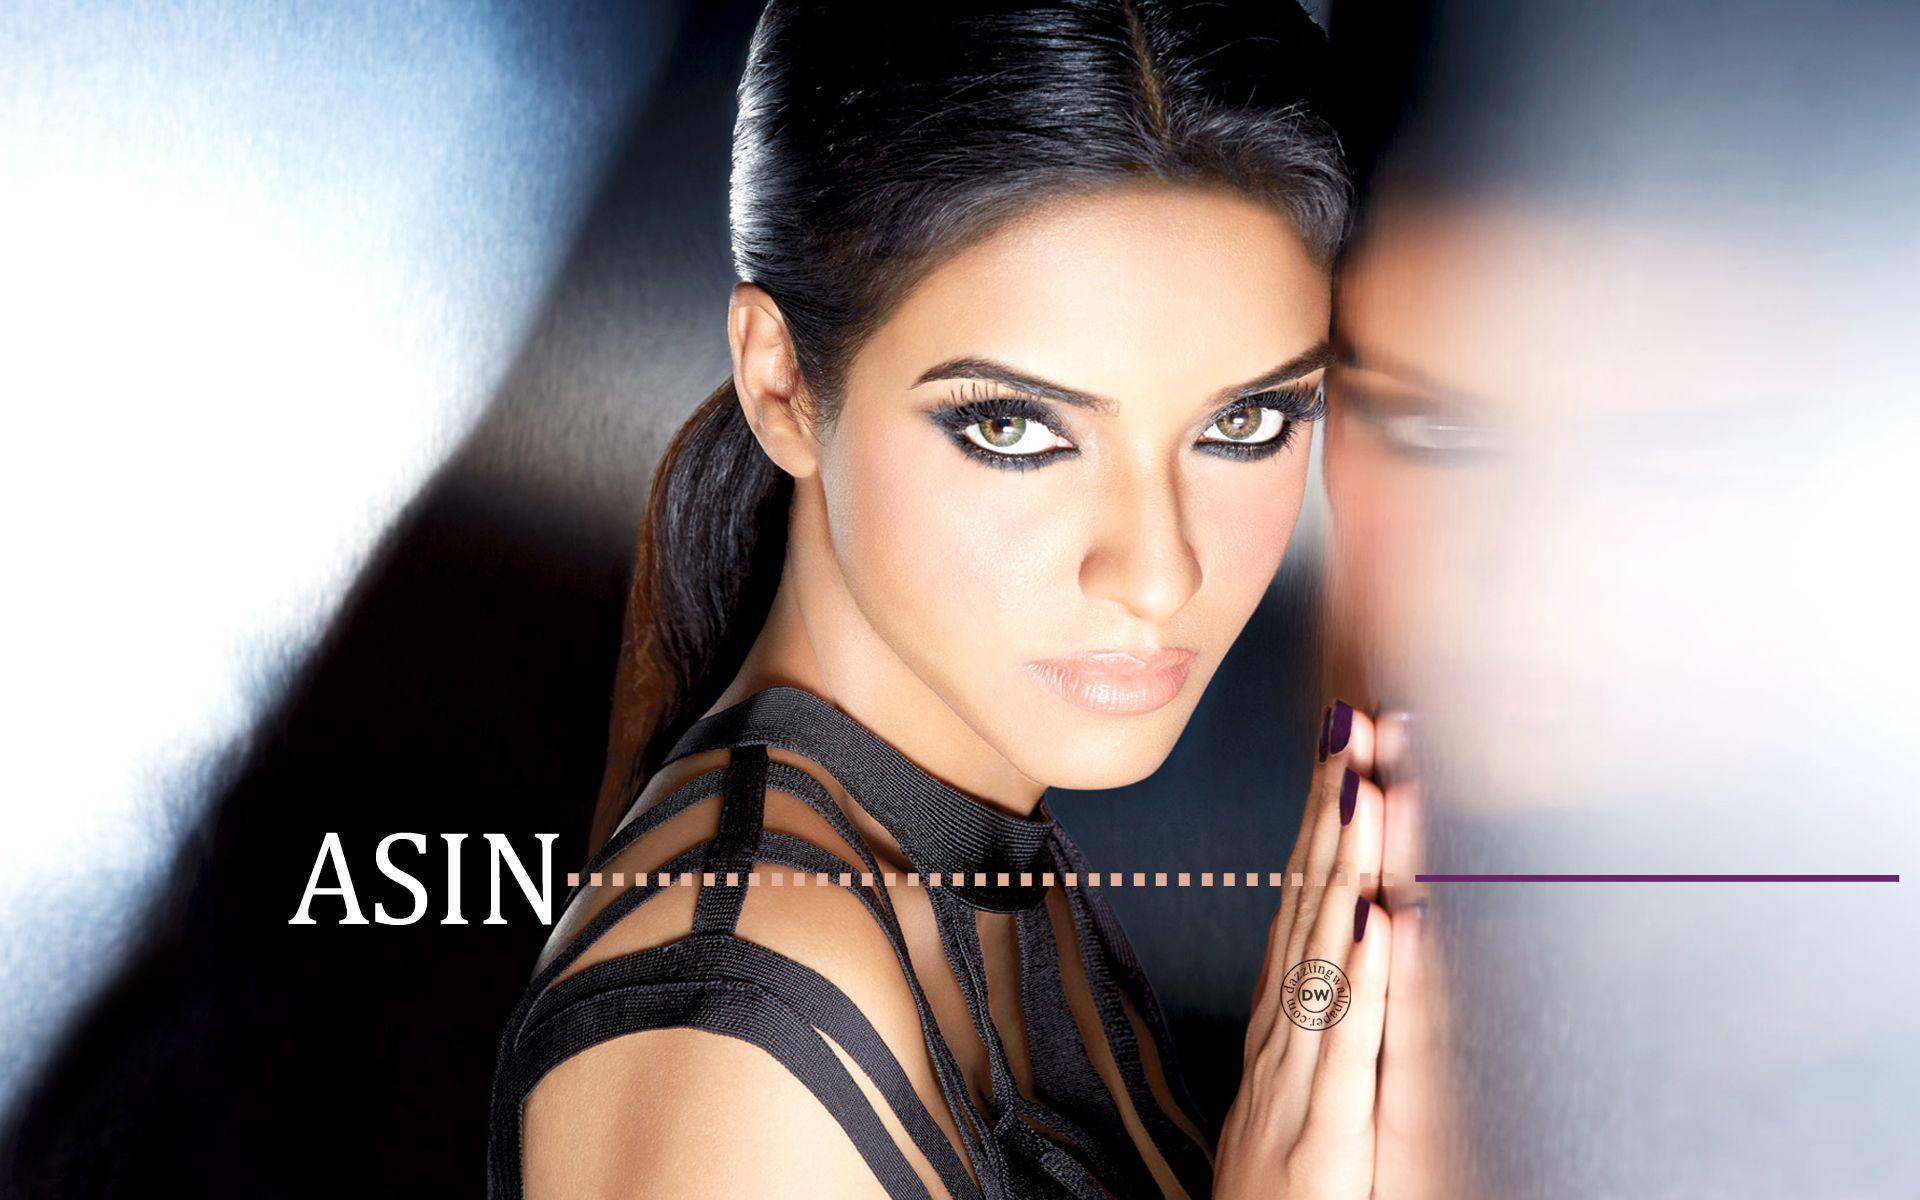 Asin Bollywood Actress Hd Wallpaper Asin, Bollywood -3450